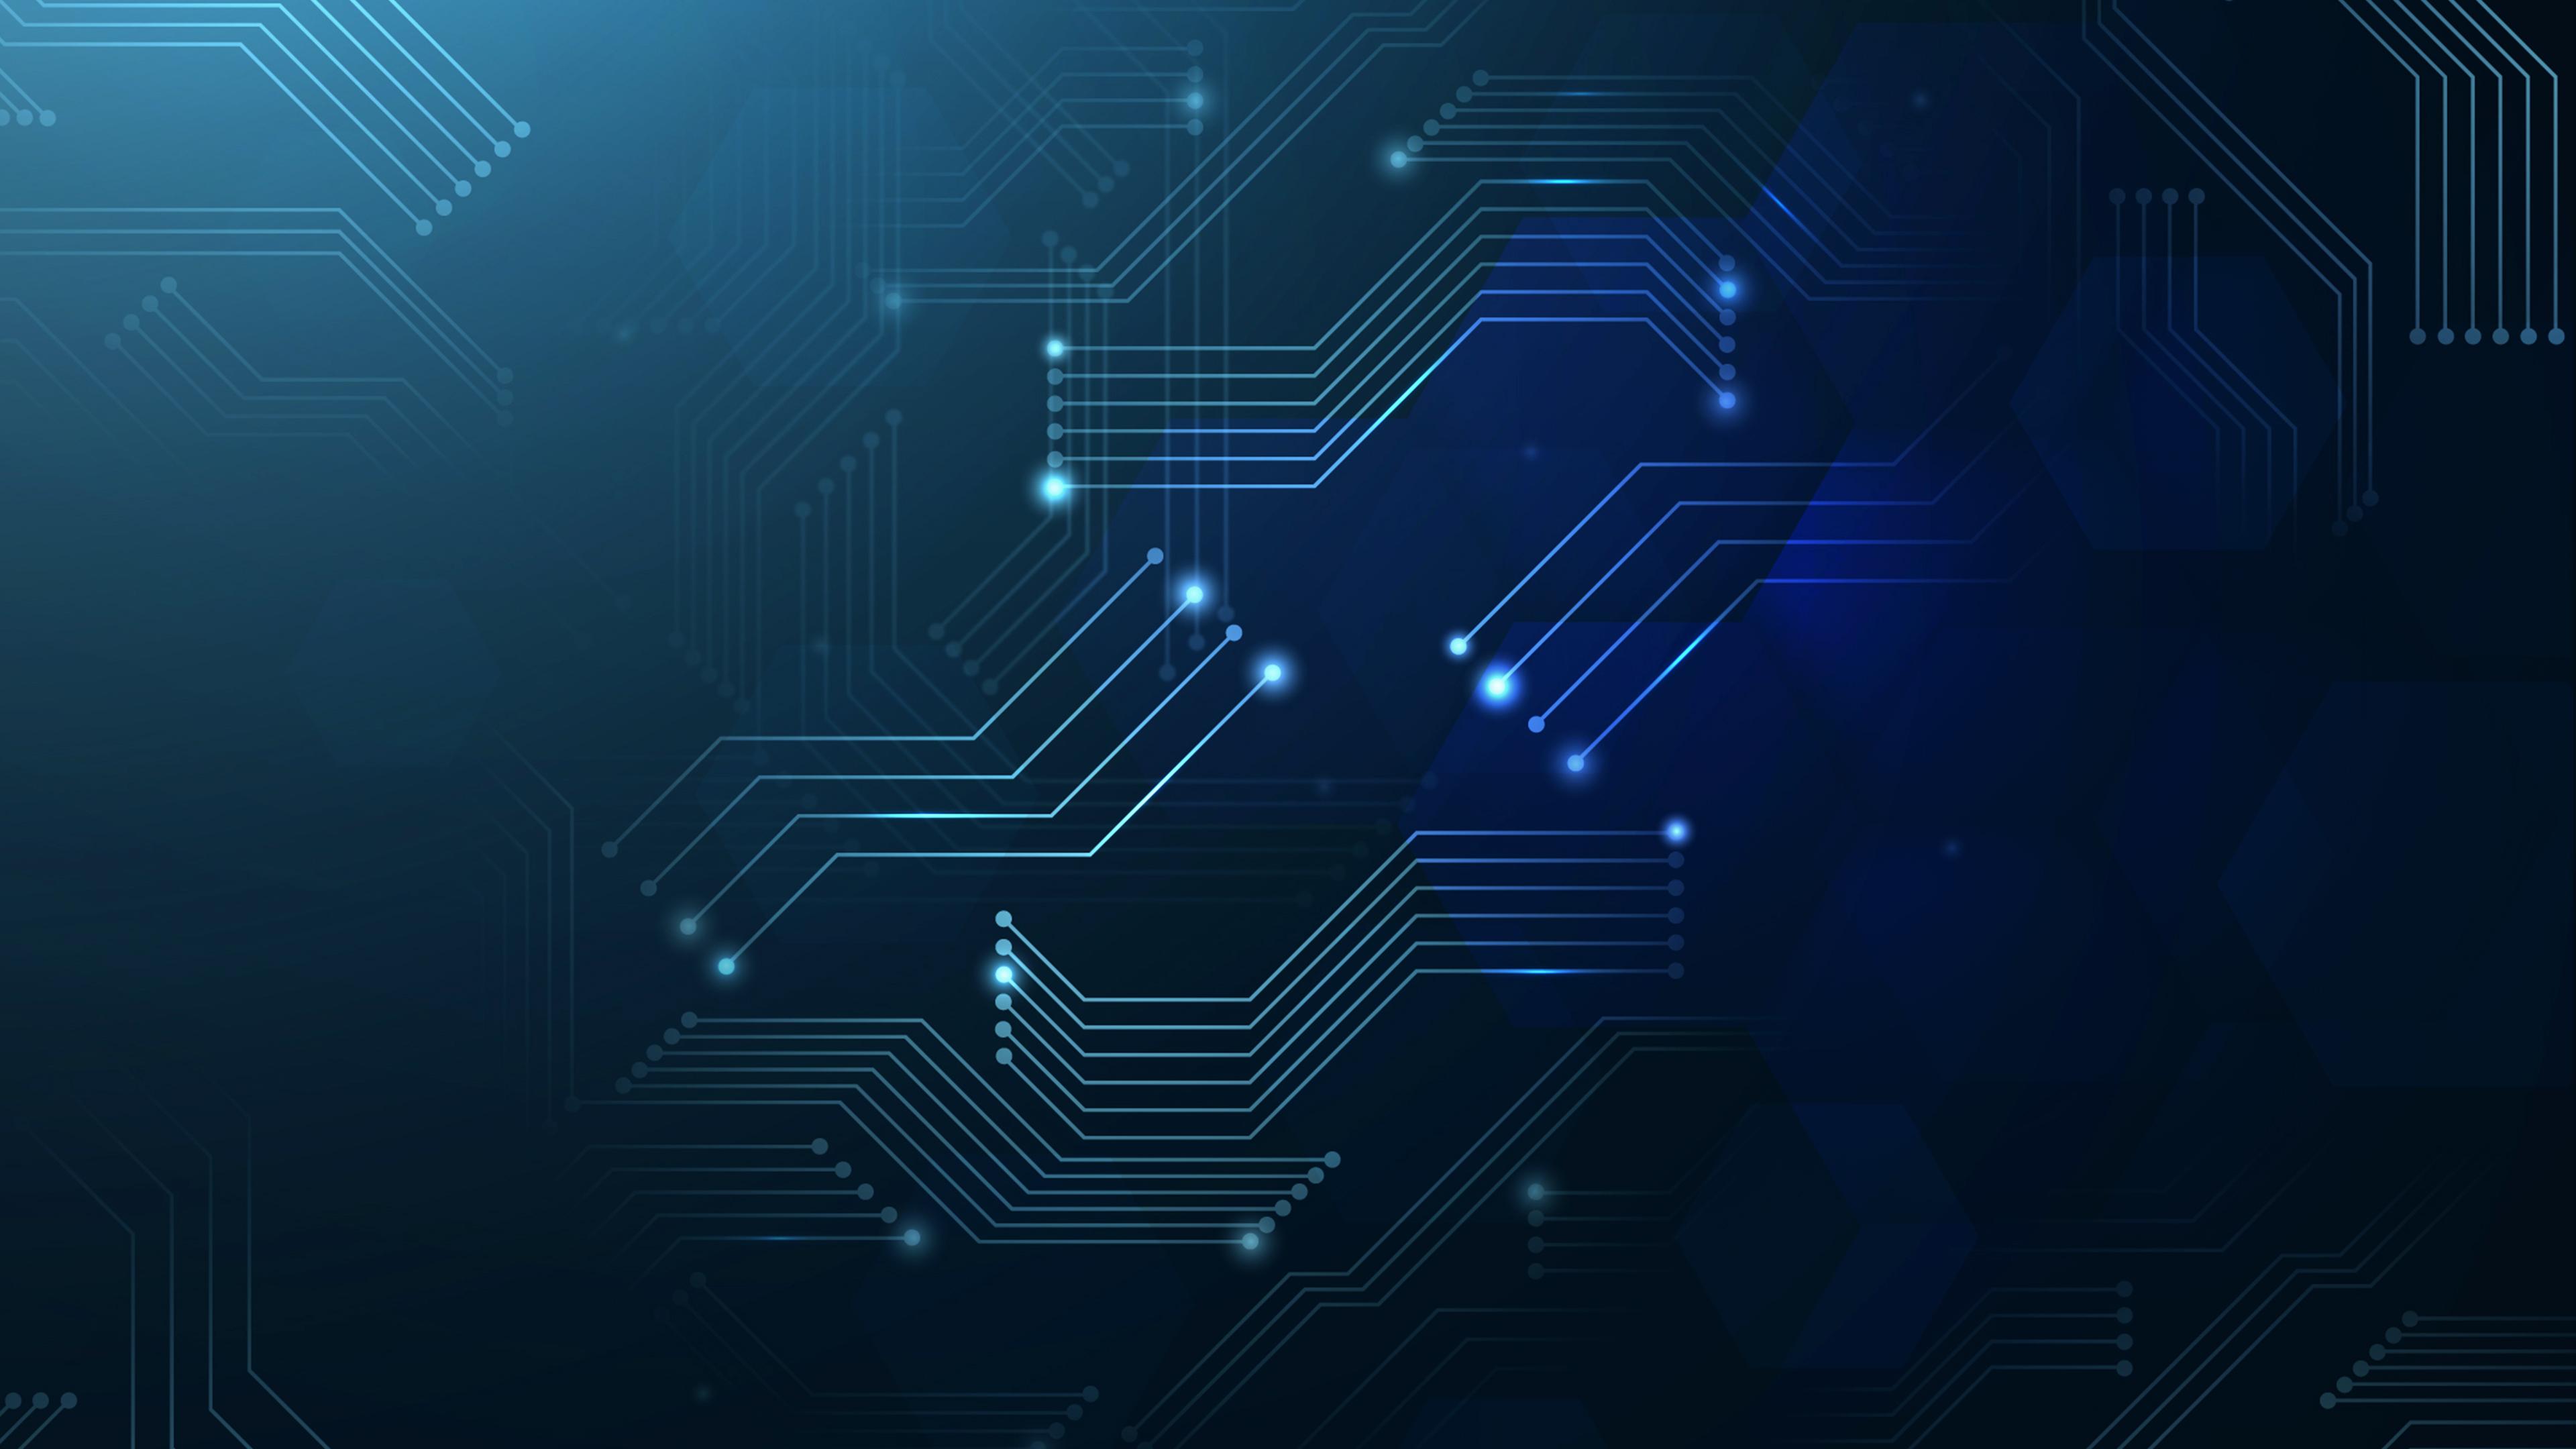 Blue Technology: Blue Technology Chromebook Wallpaper